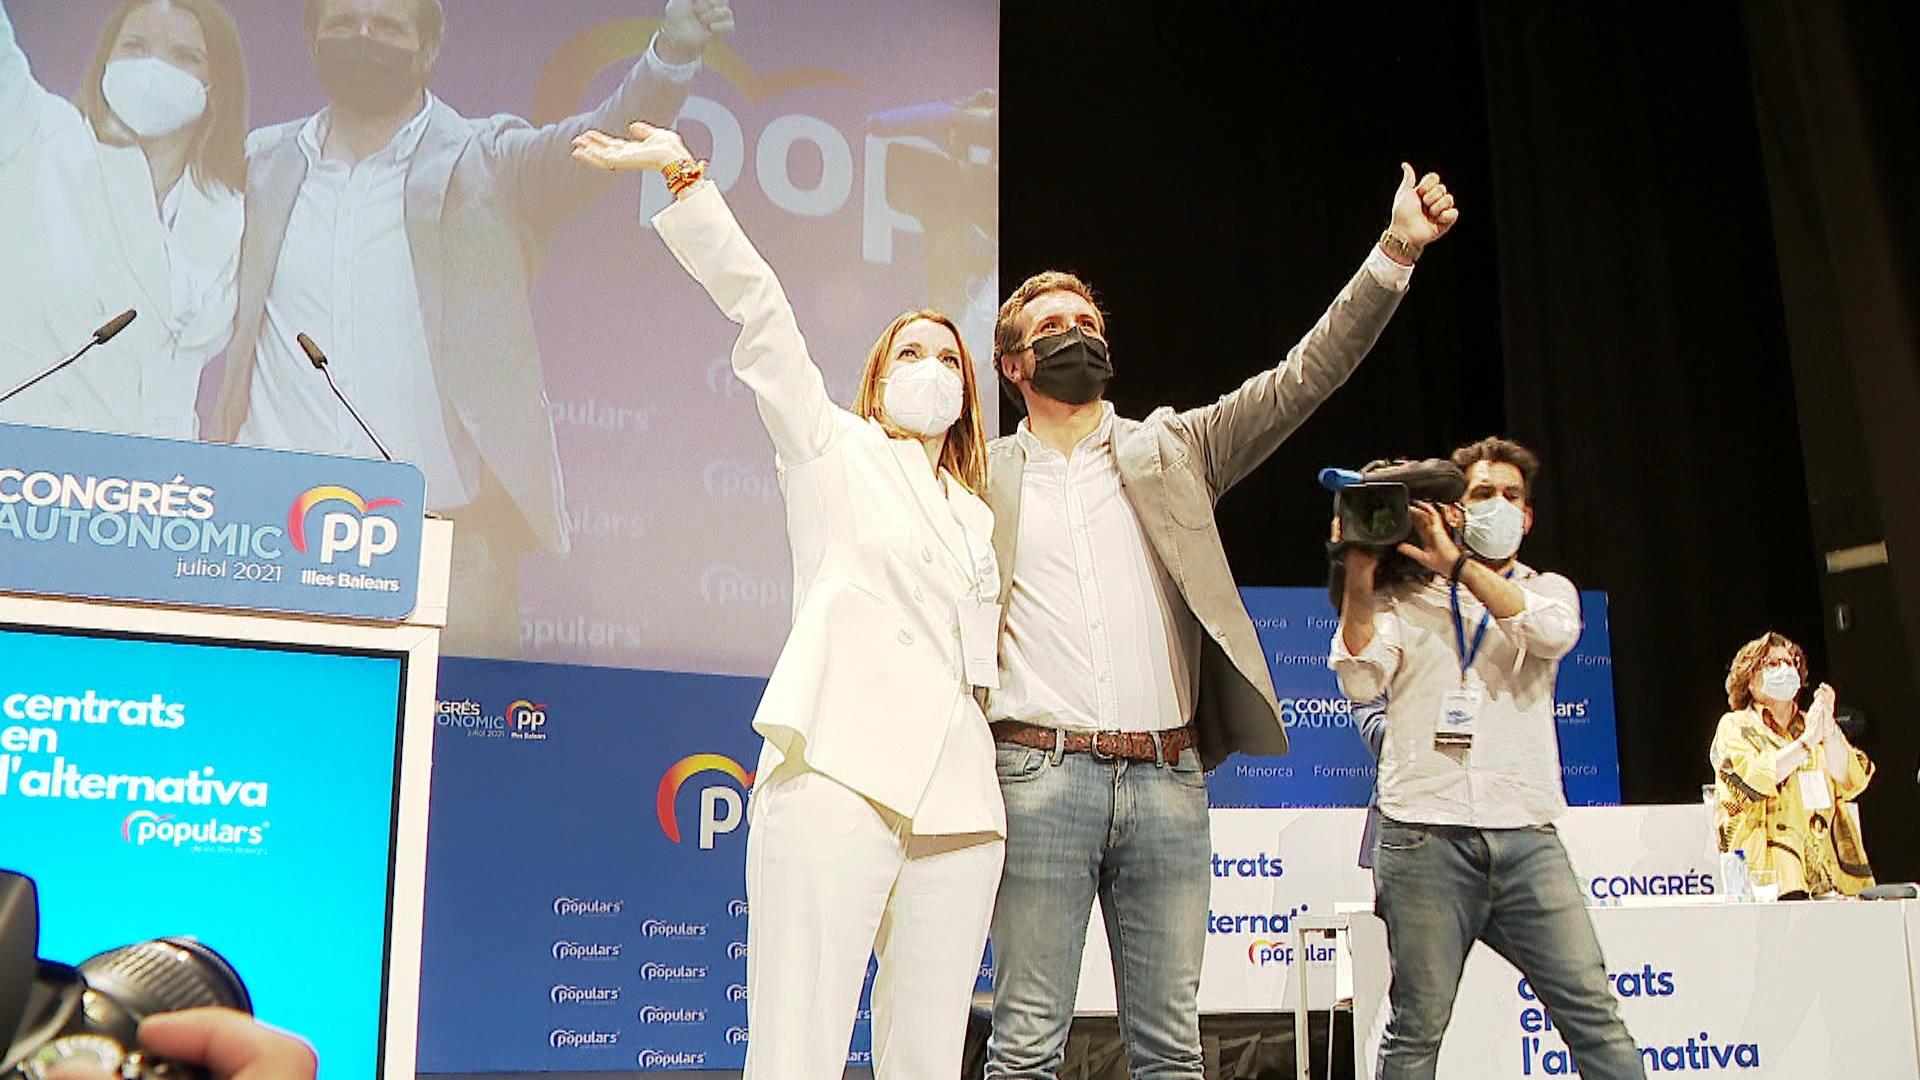 Marga+Prohens+ja+%C3%A9s+la+nova+presidenta+del+Partit+Popular+a+les+Illes+Balears